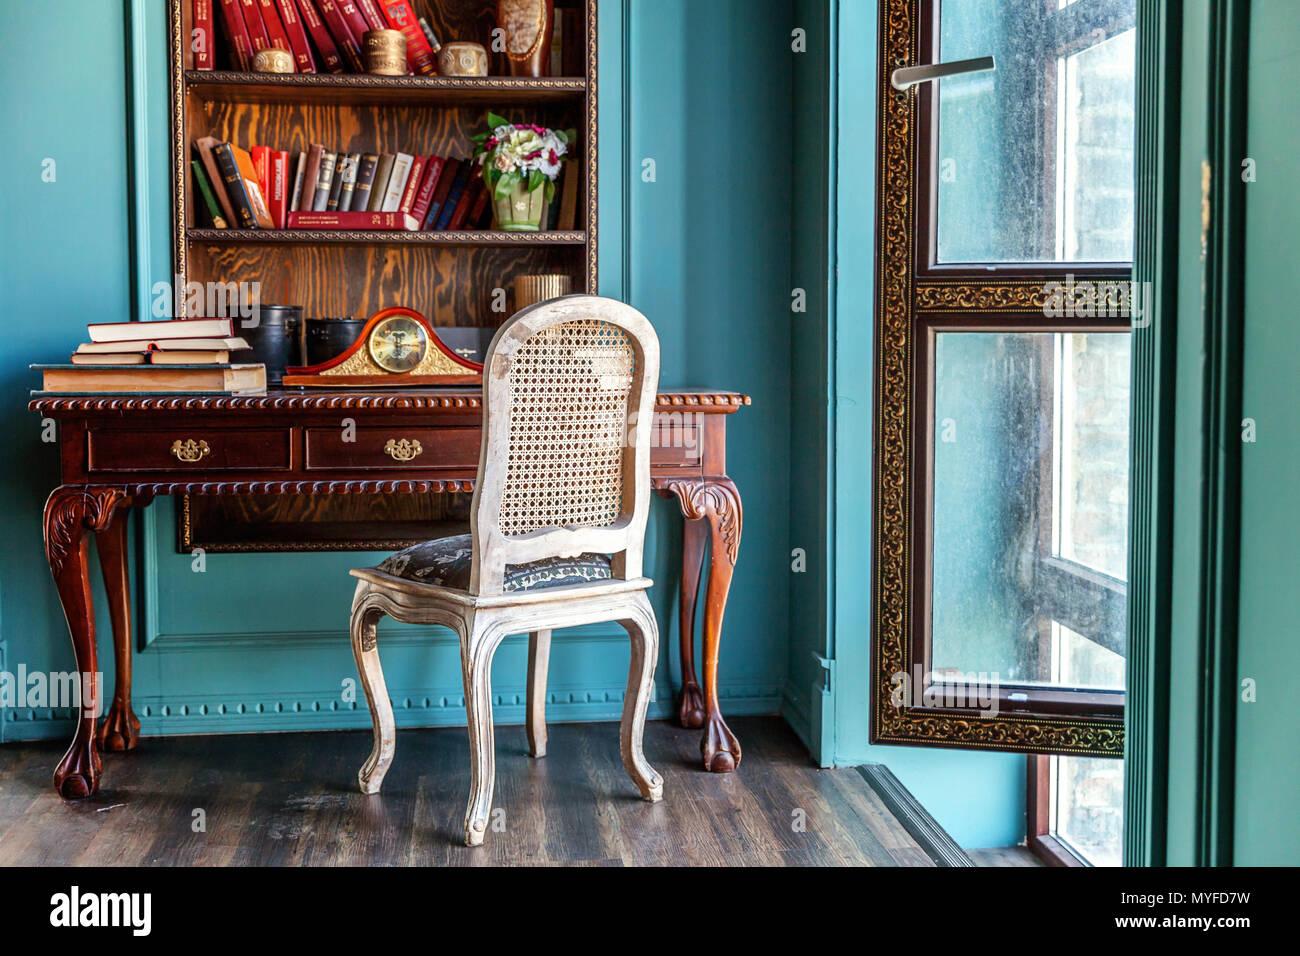 Luxus Klassisches Interieur Home Bibliothek. Wohnzimmer Mit Bücherregal,  Bücher, Tisch Und Stuhl. Saubere Und Moderne Einrichtung Mit Eleganten  Möbeln. Educ